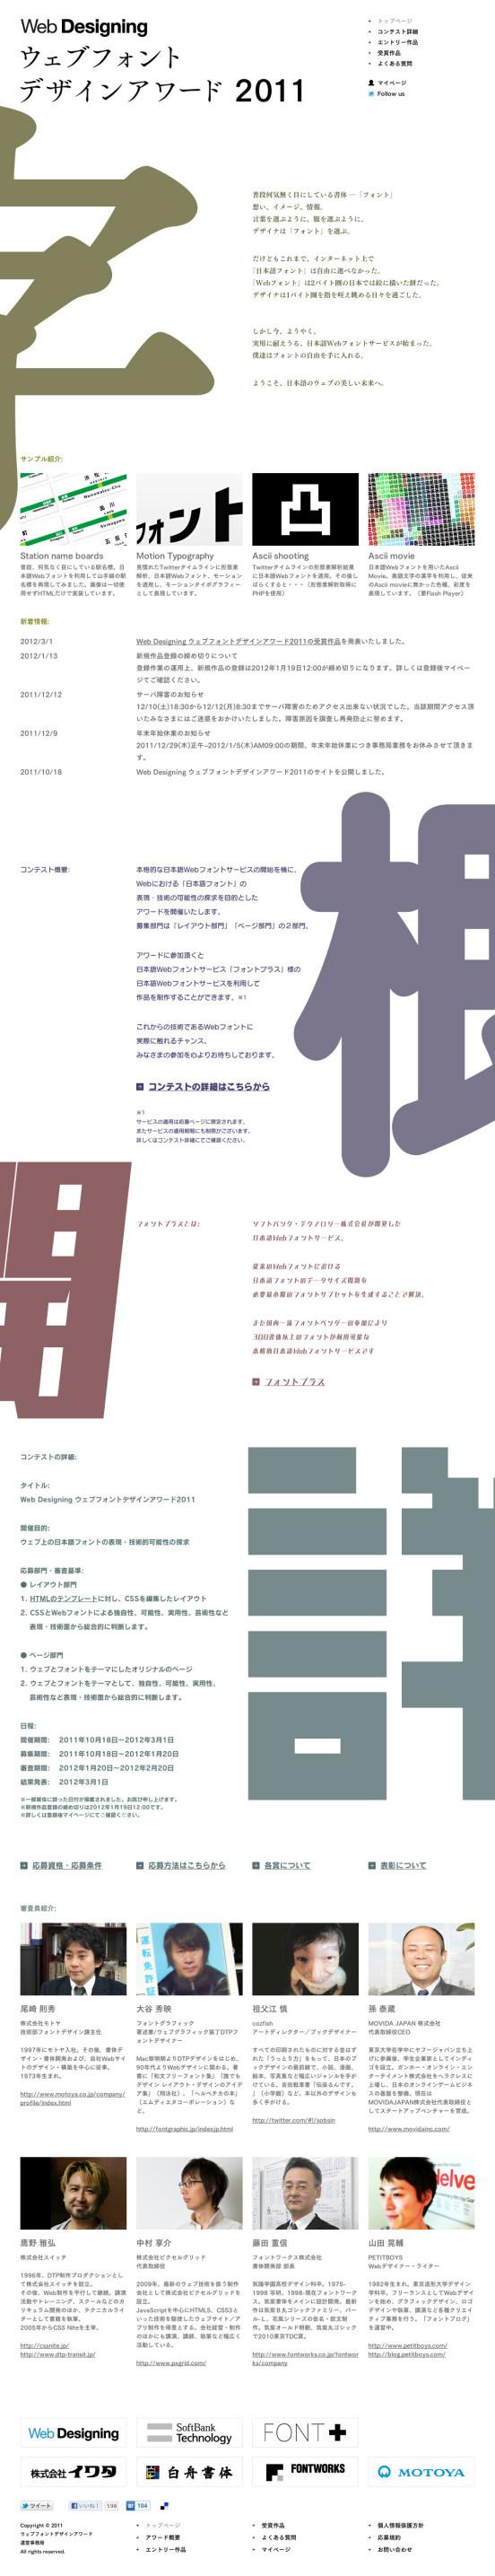 Web Designing ウェブフォントデザインアワード2011